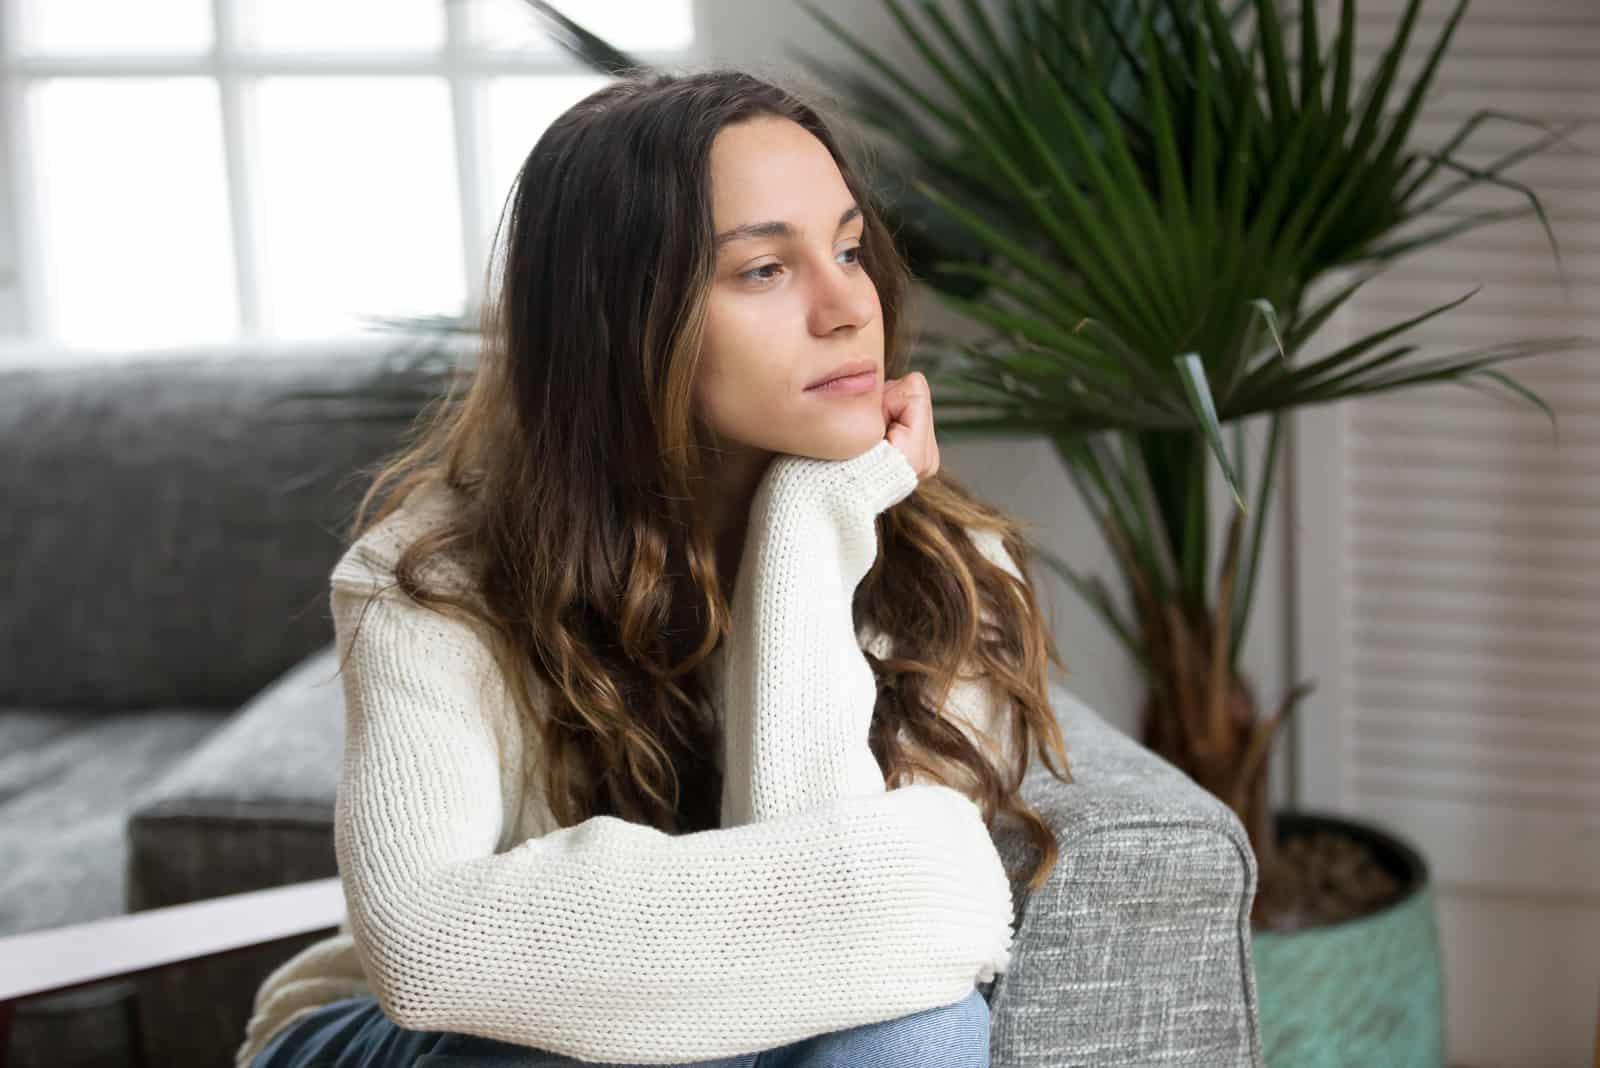 femme triste en chandail blanc assise à l'intérieur